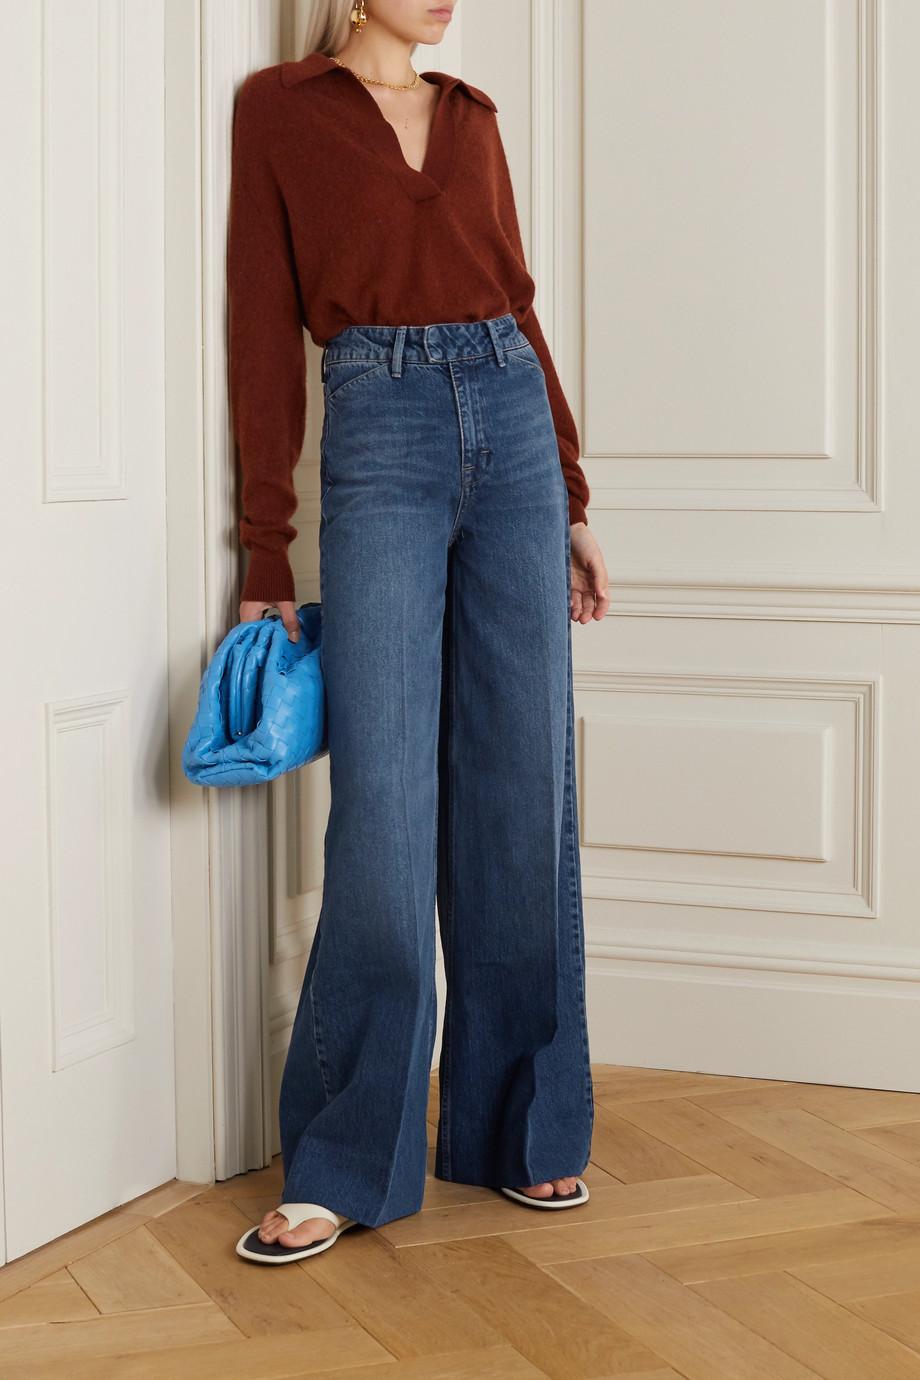 REMAIN Birger Christensen Bernadette high-rise wide-leg jeans